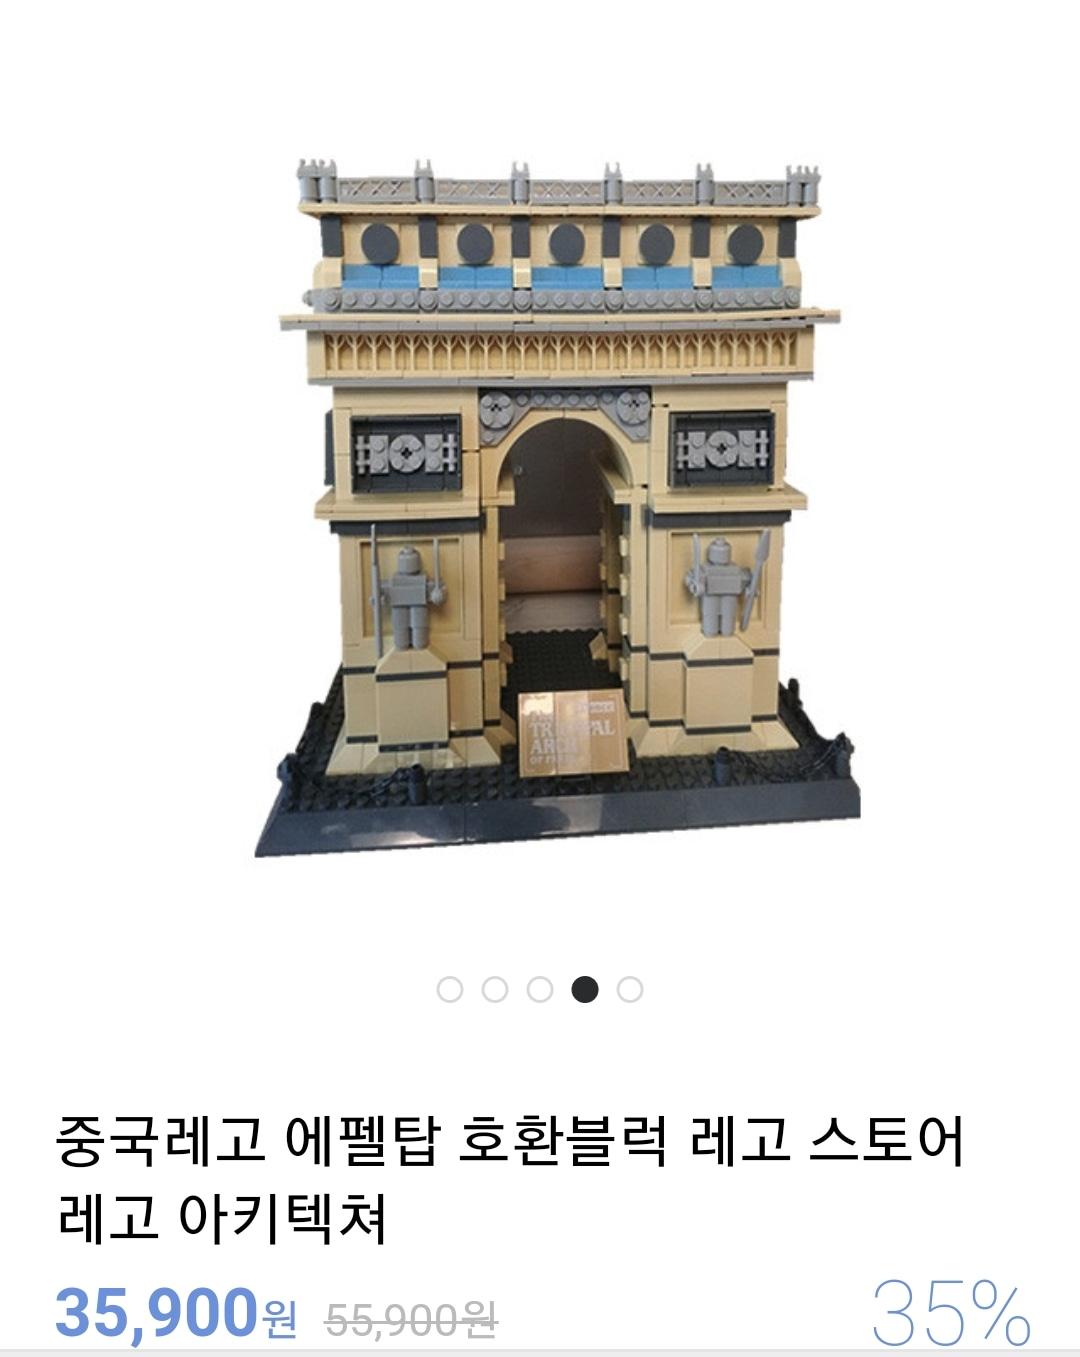 레고호환블럭 중국레고 개선문 미개봉 신품